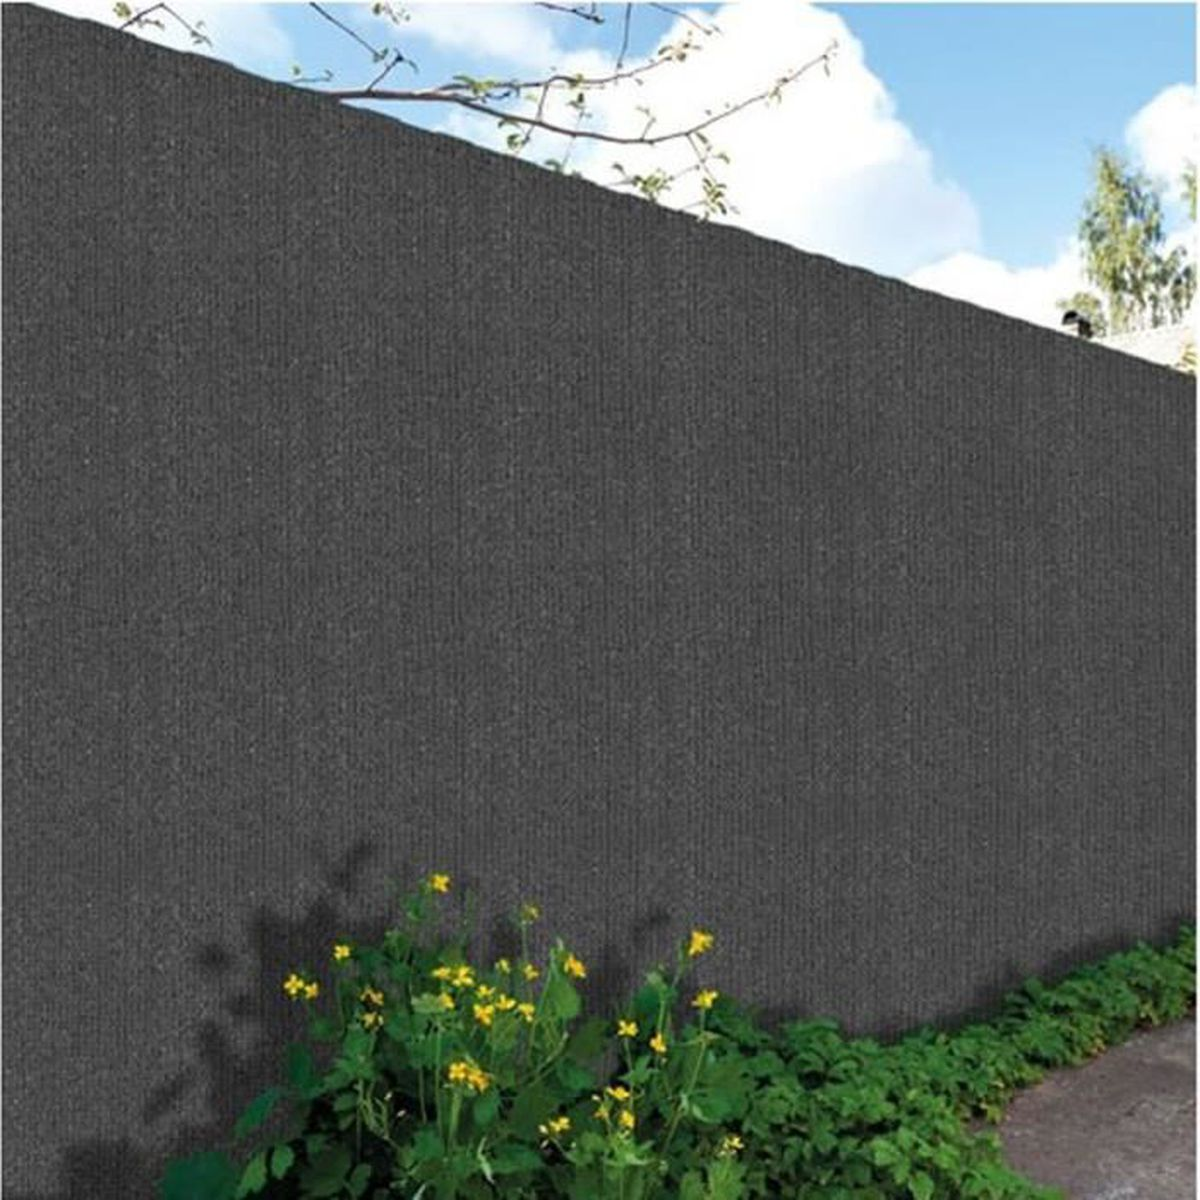 Brise vu en toile hdpe haute qualit 300gr occultant coloris gris anthracite 1 80mx25m for Cloture de jardin en toile